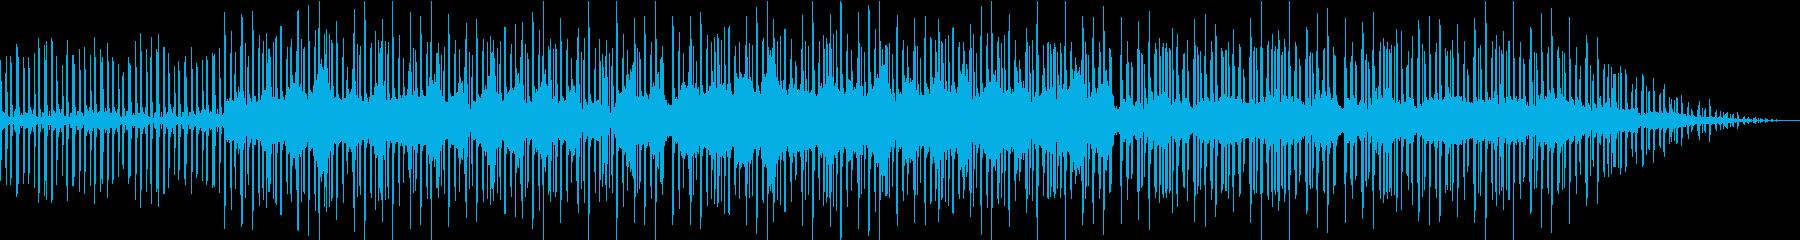 オトナ感のある スロージャズポップの再生済みの波形